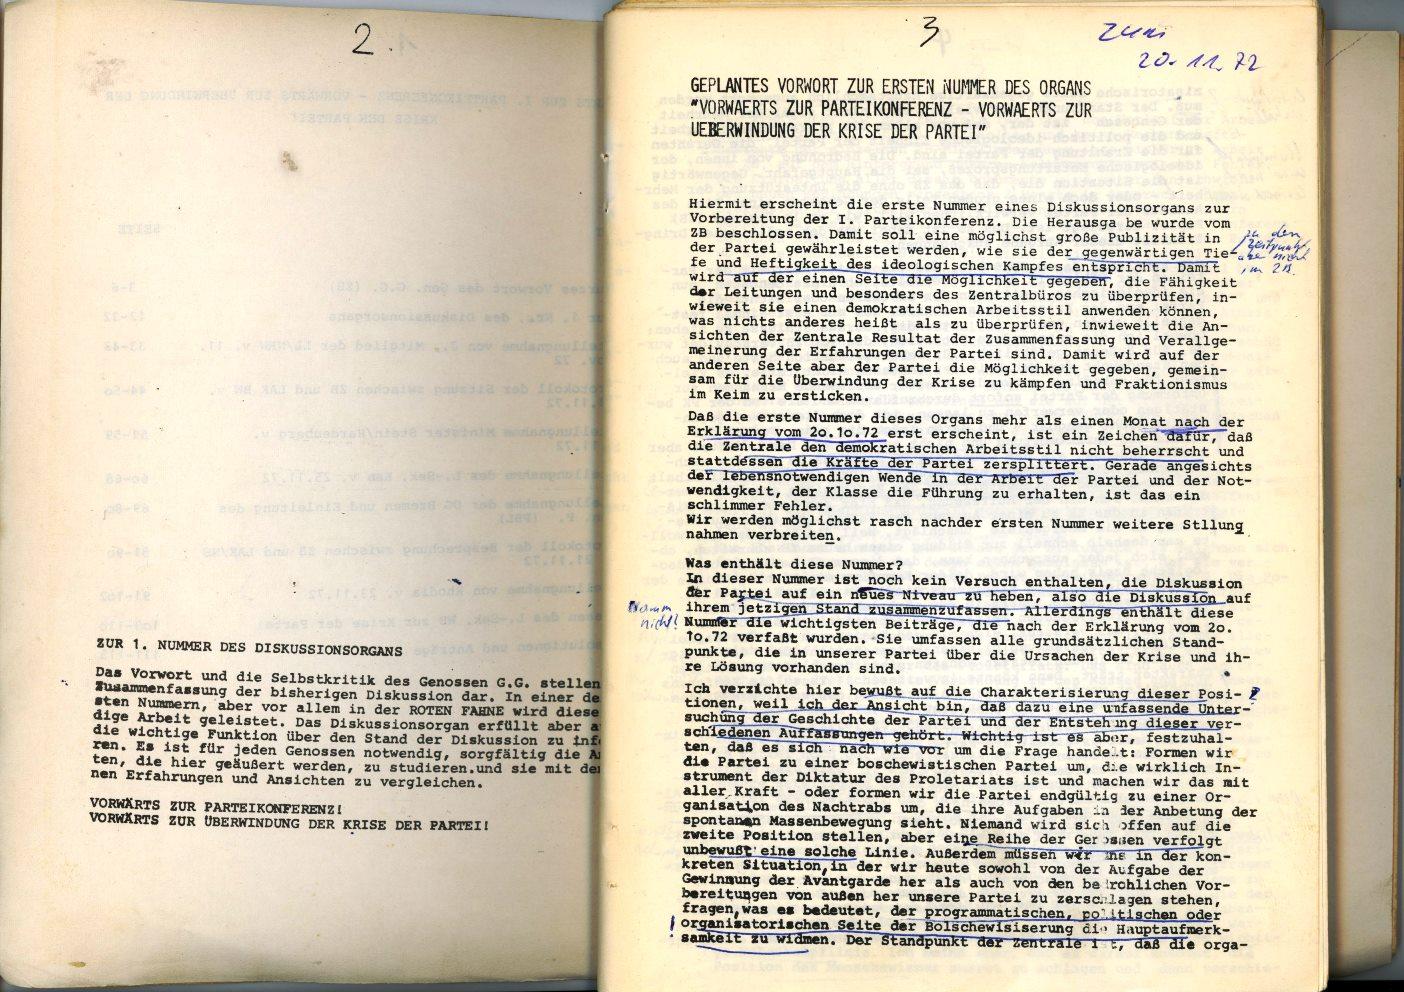 ZB_1972_Diskussionsorgan_zur_ersten_Parteikonferenz_03